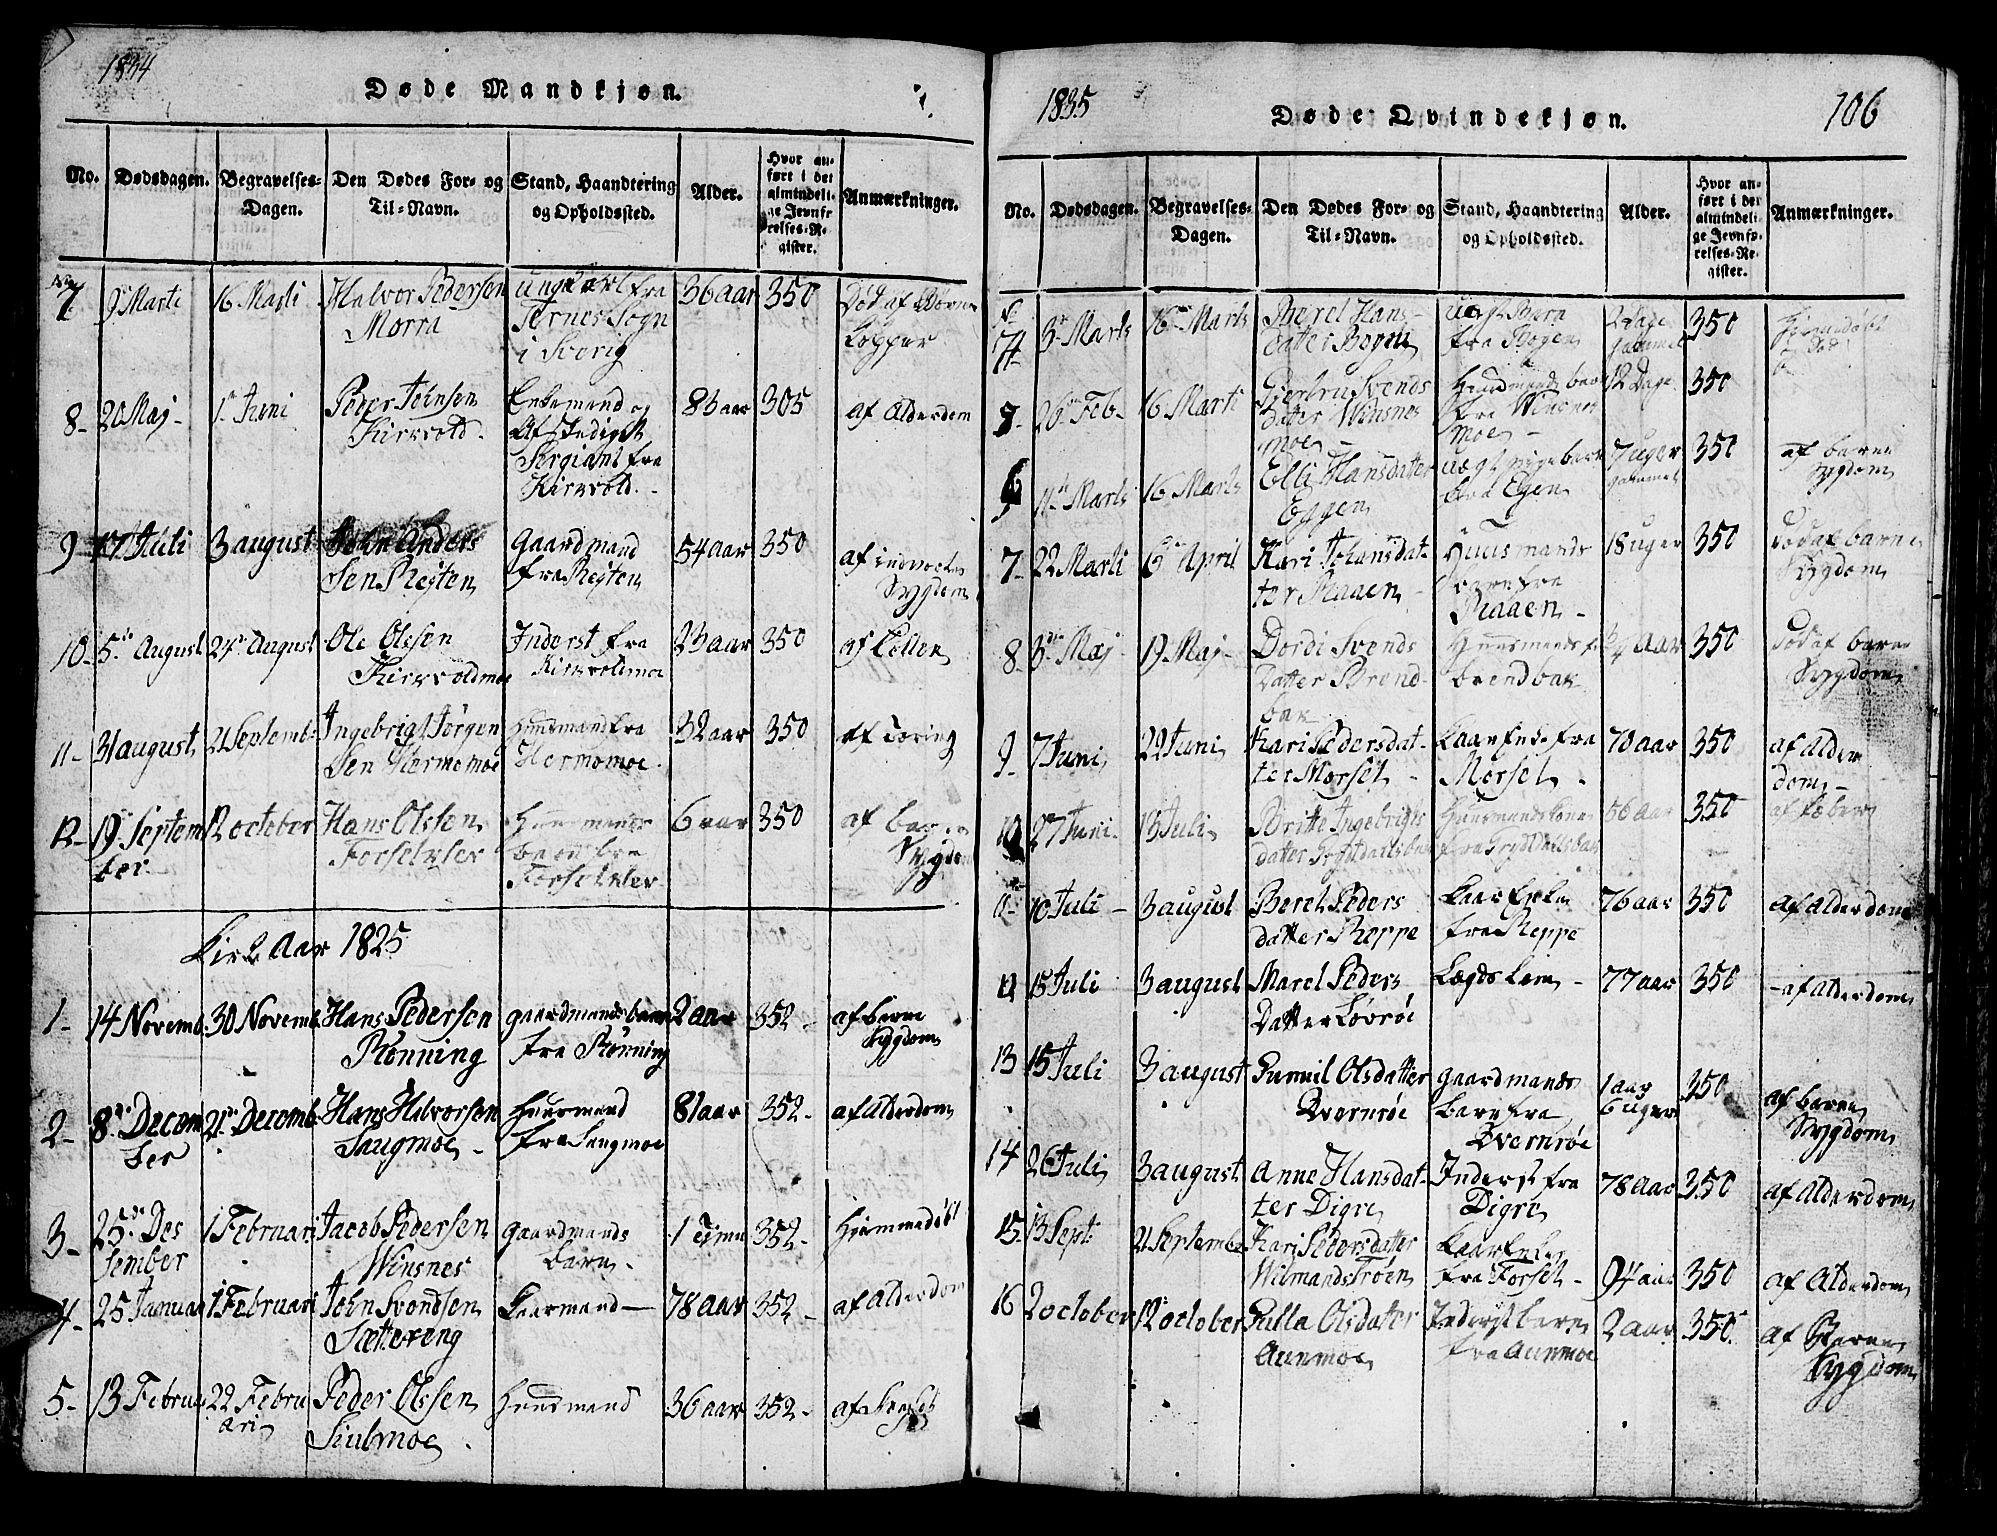 SAT, Ministerialprotokoller, klokkerbøker og fødselsregistre - Sør-Trøndelag, 688/L1026: Klokkerbok nr. 688C01, 1817-1860, s. 106